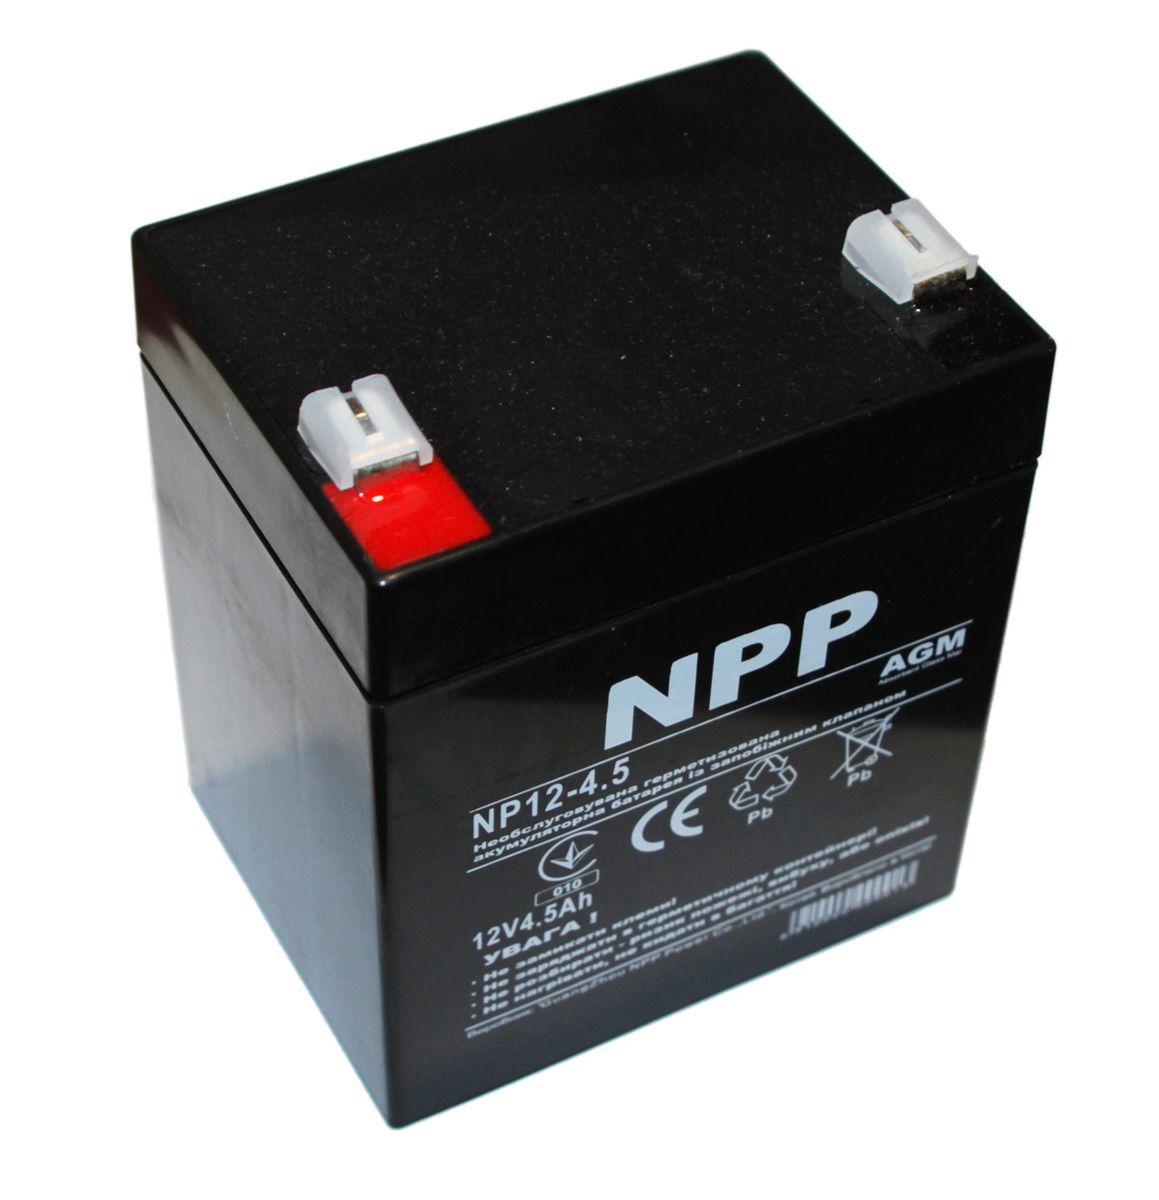 Аккумулятор для ИБП 12В 4,5Ач NPP NP12-4.5 90х70х101 мм